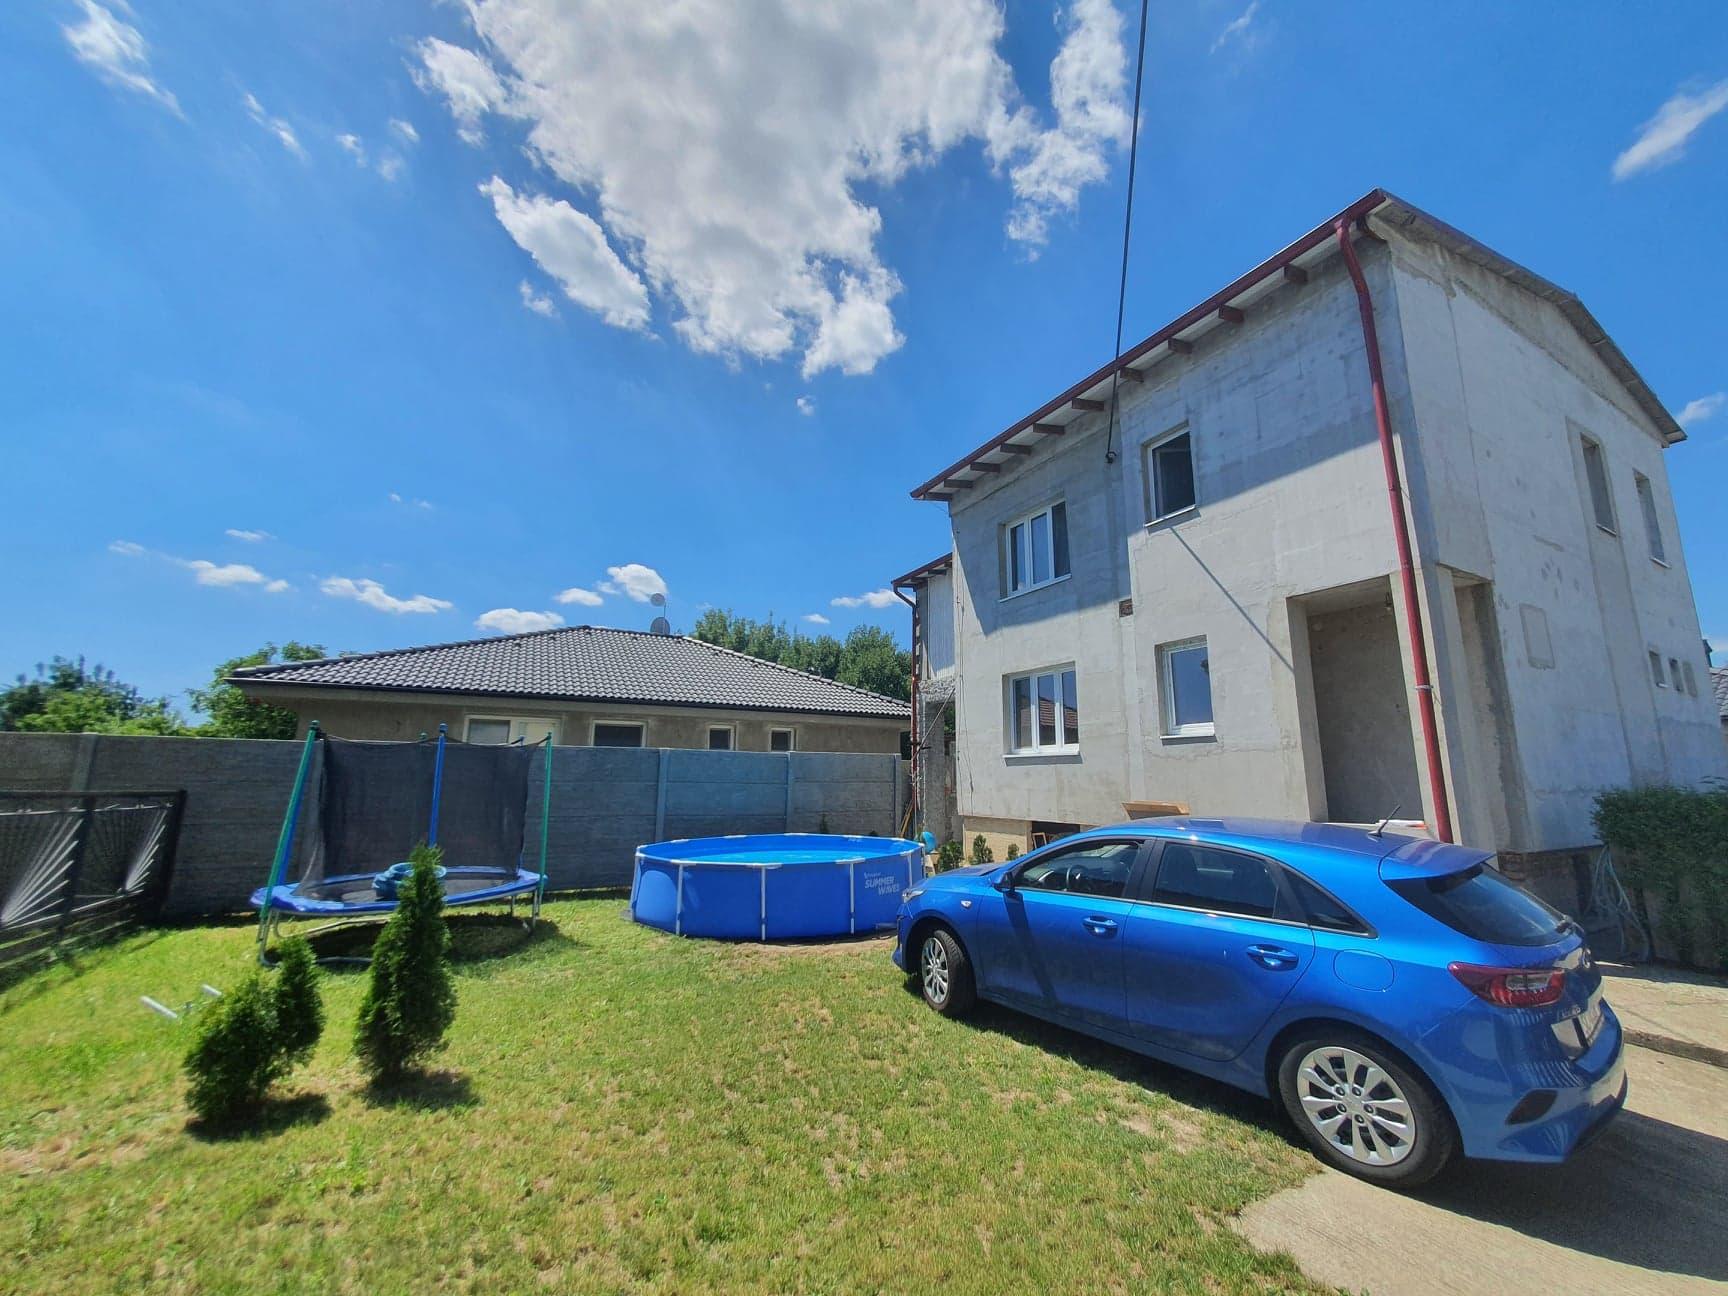 Predané !!  Predáme 👨👩👧👦dvojgeneračný Rodinný dom v Super Lokalite 🌳, Ivanke Pri Dunaji